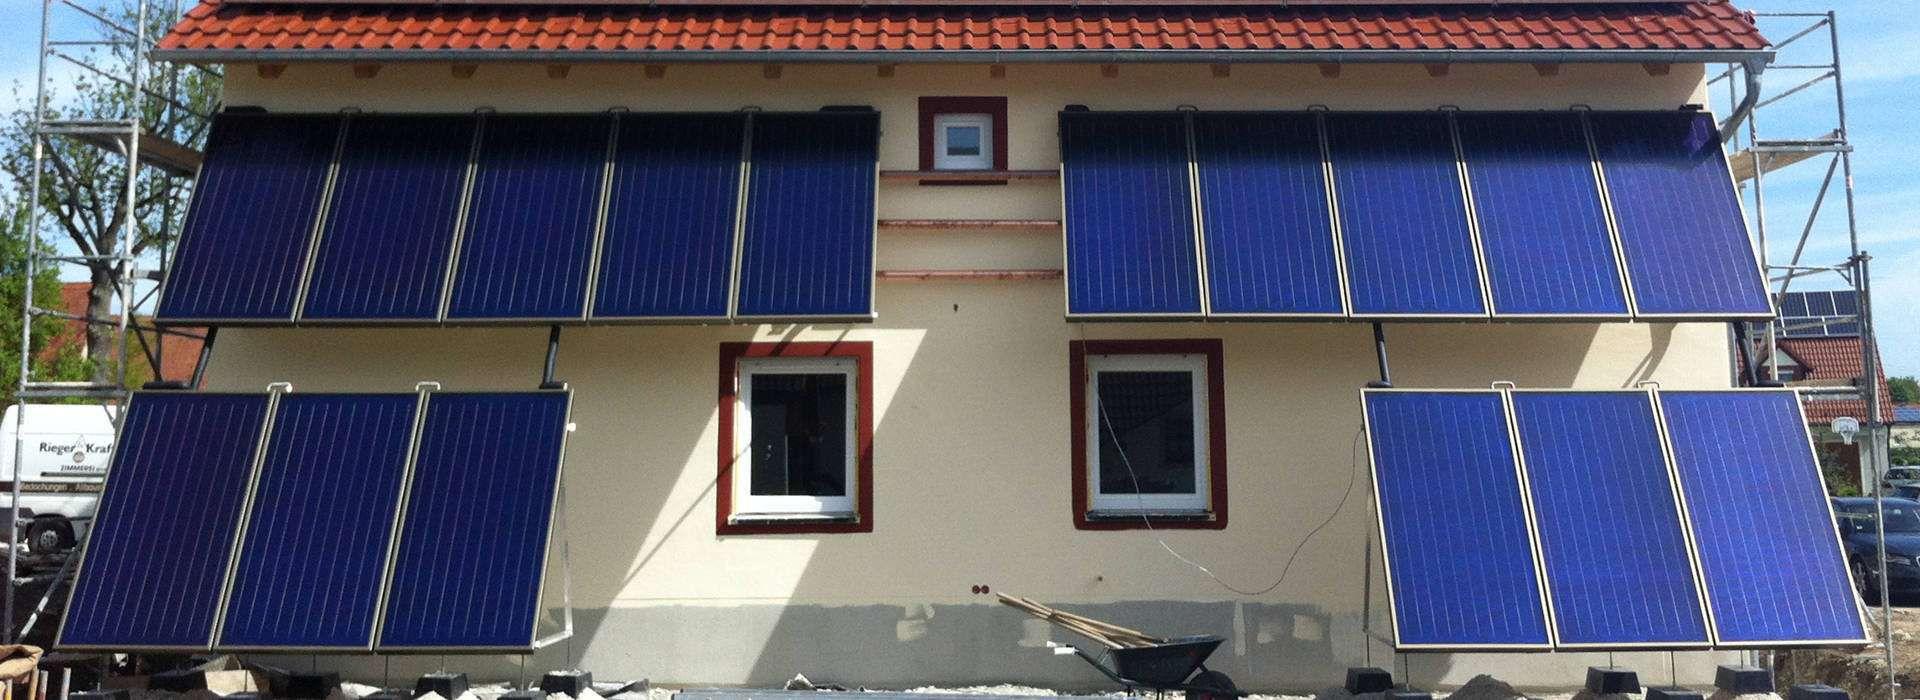 solaranlage umweltschonende nachhaltige energie aus der. Black Bedroom Furniture Sets. Home Design Ideas